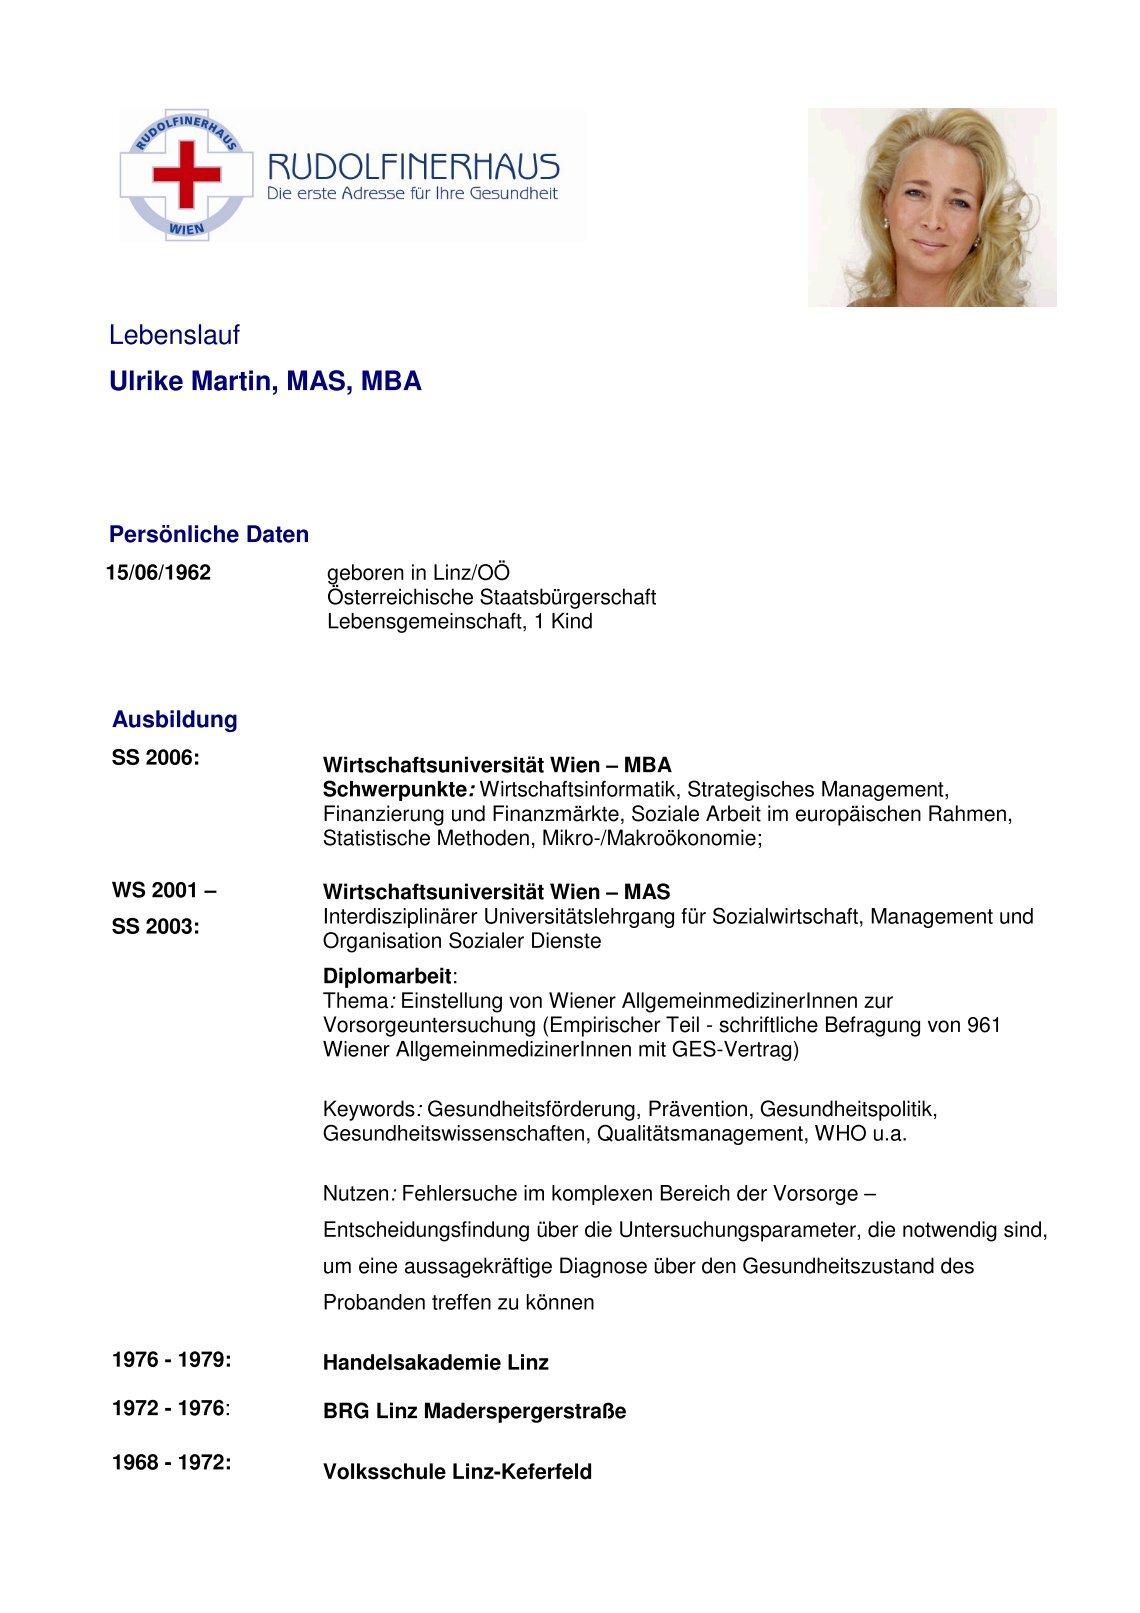 Großzügig Jugendberater Lebenslauf Proben Galerie - Entry Level ...